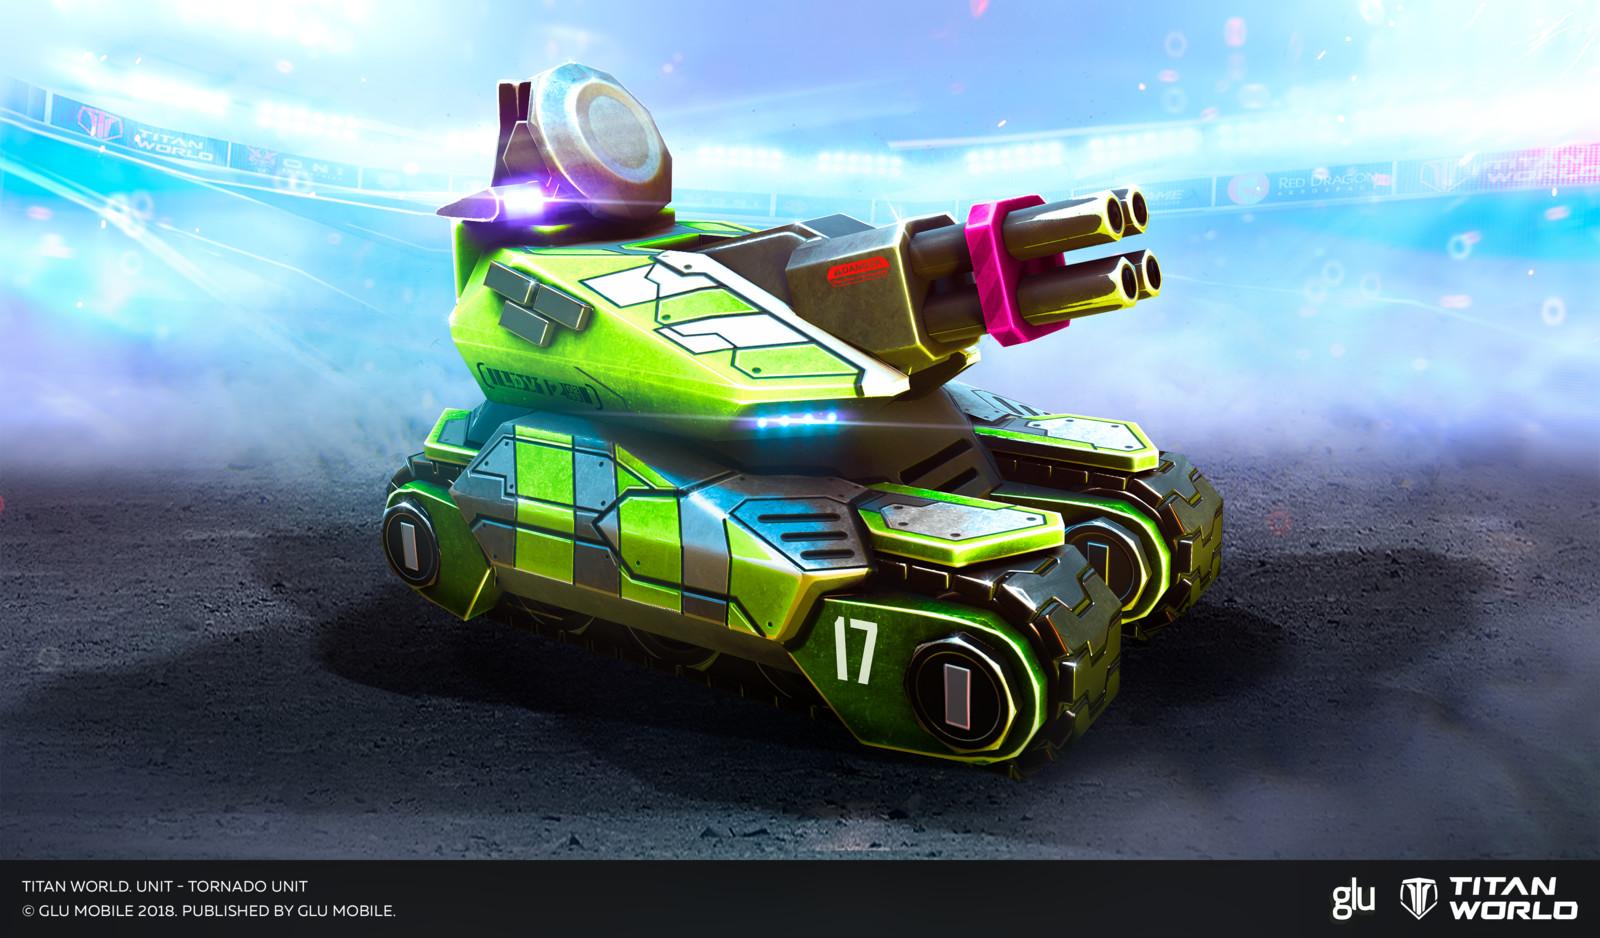 Unit - Tornado